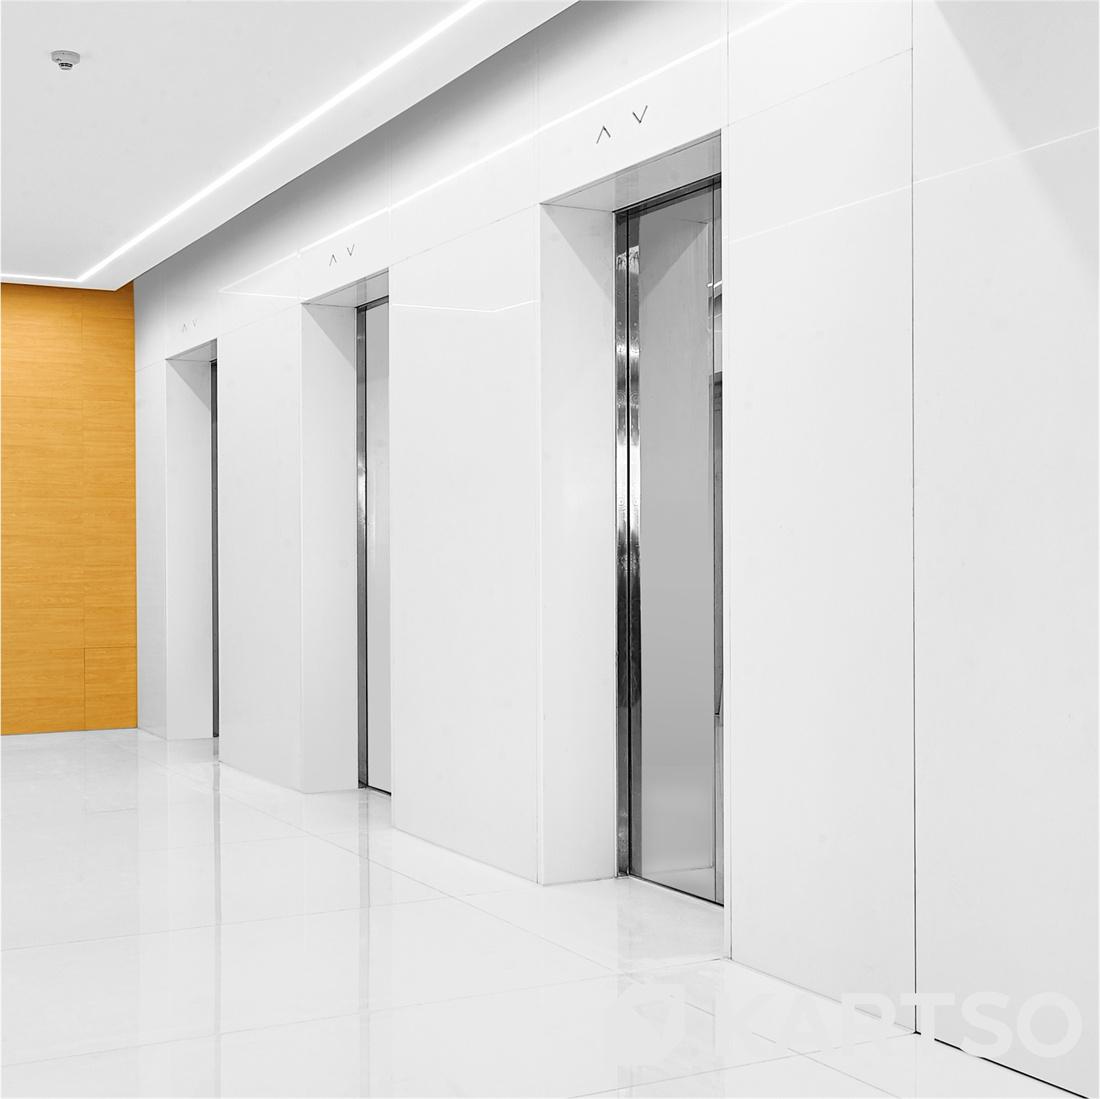 nano white glass stone for wall